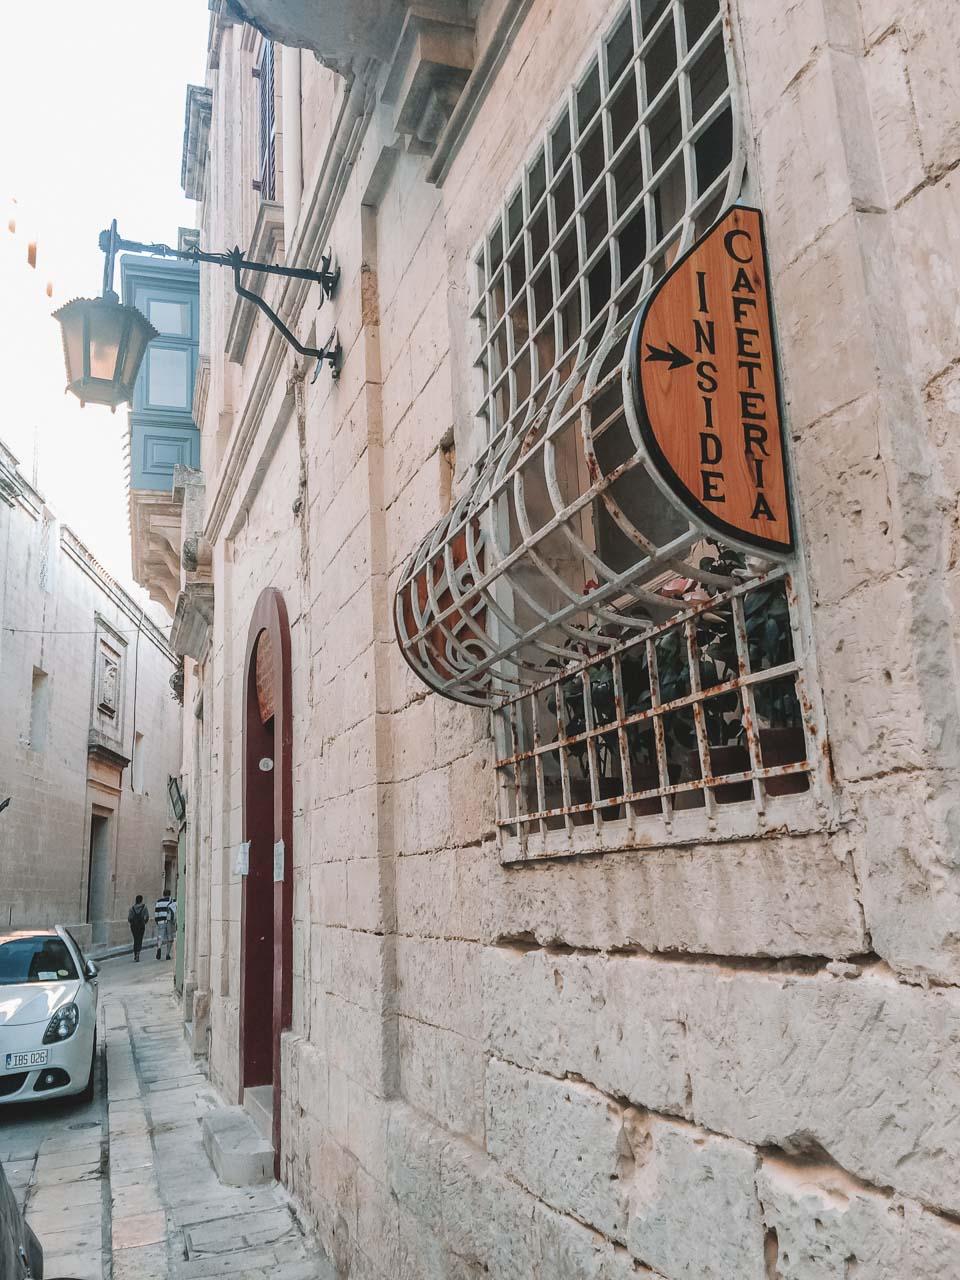 A cafeteria hidden inside a traditional Maltese house in Mdina, Malta